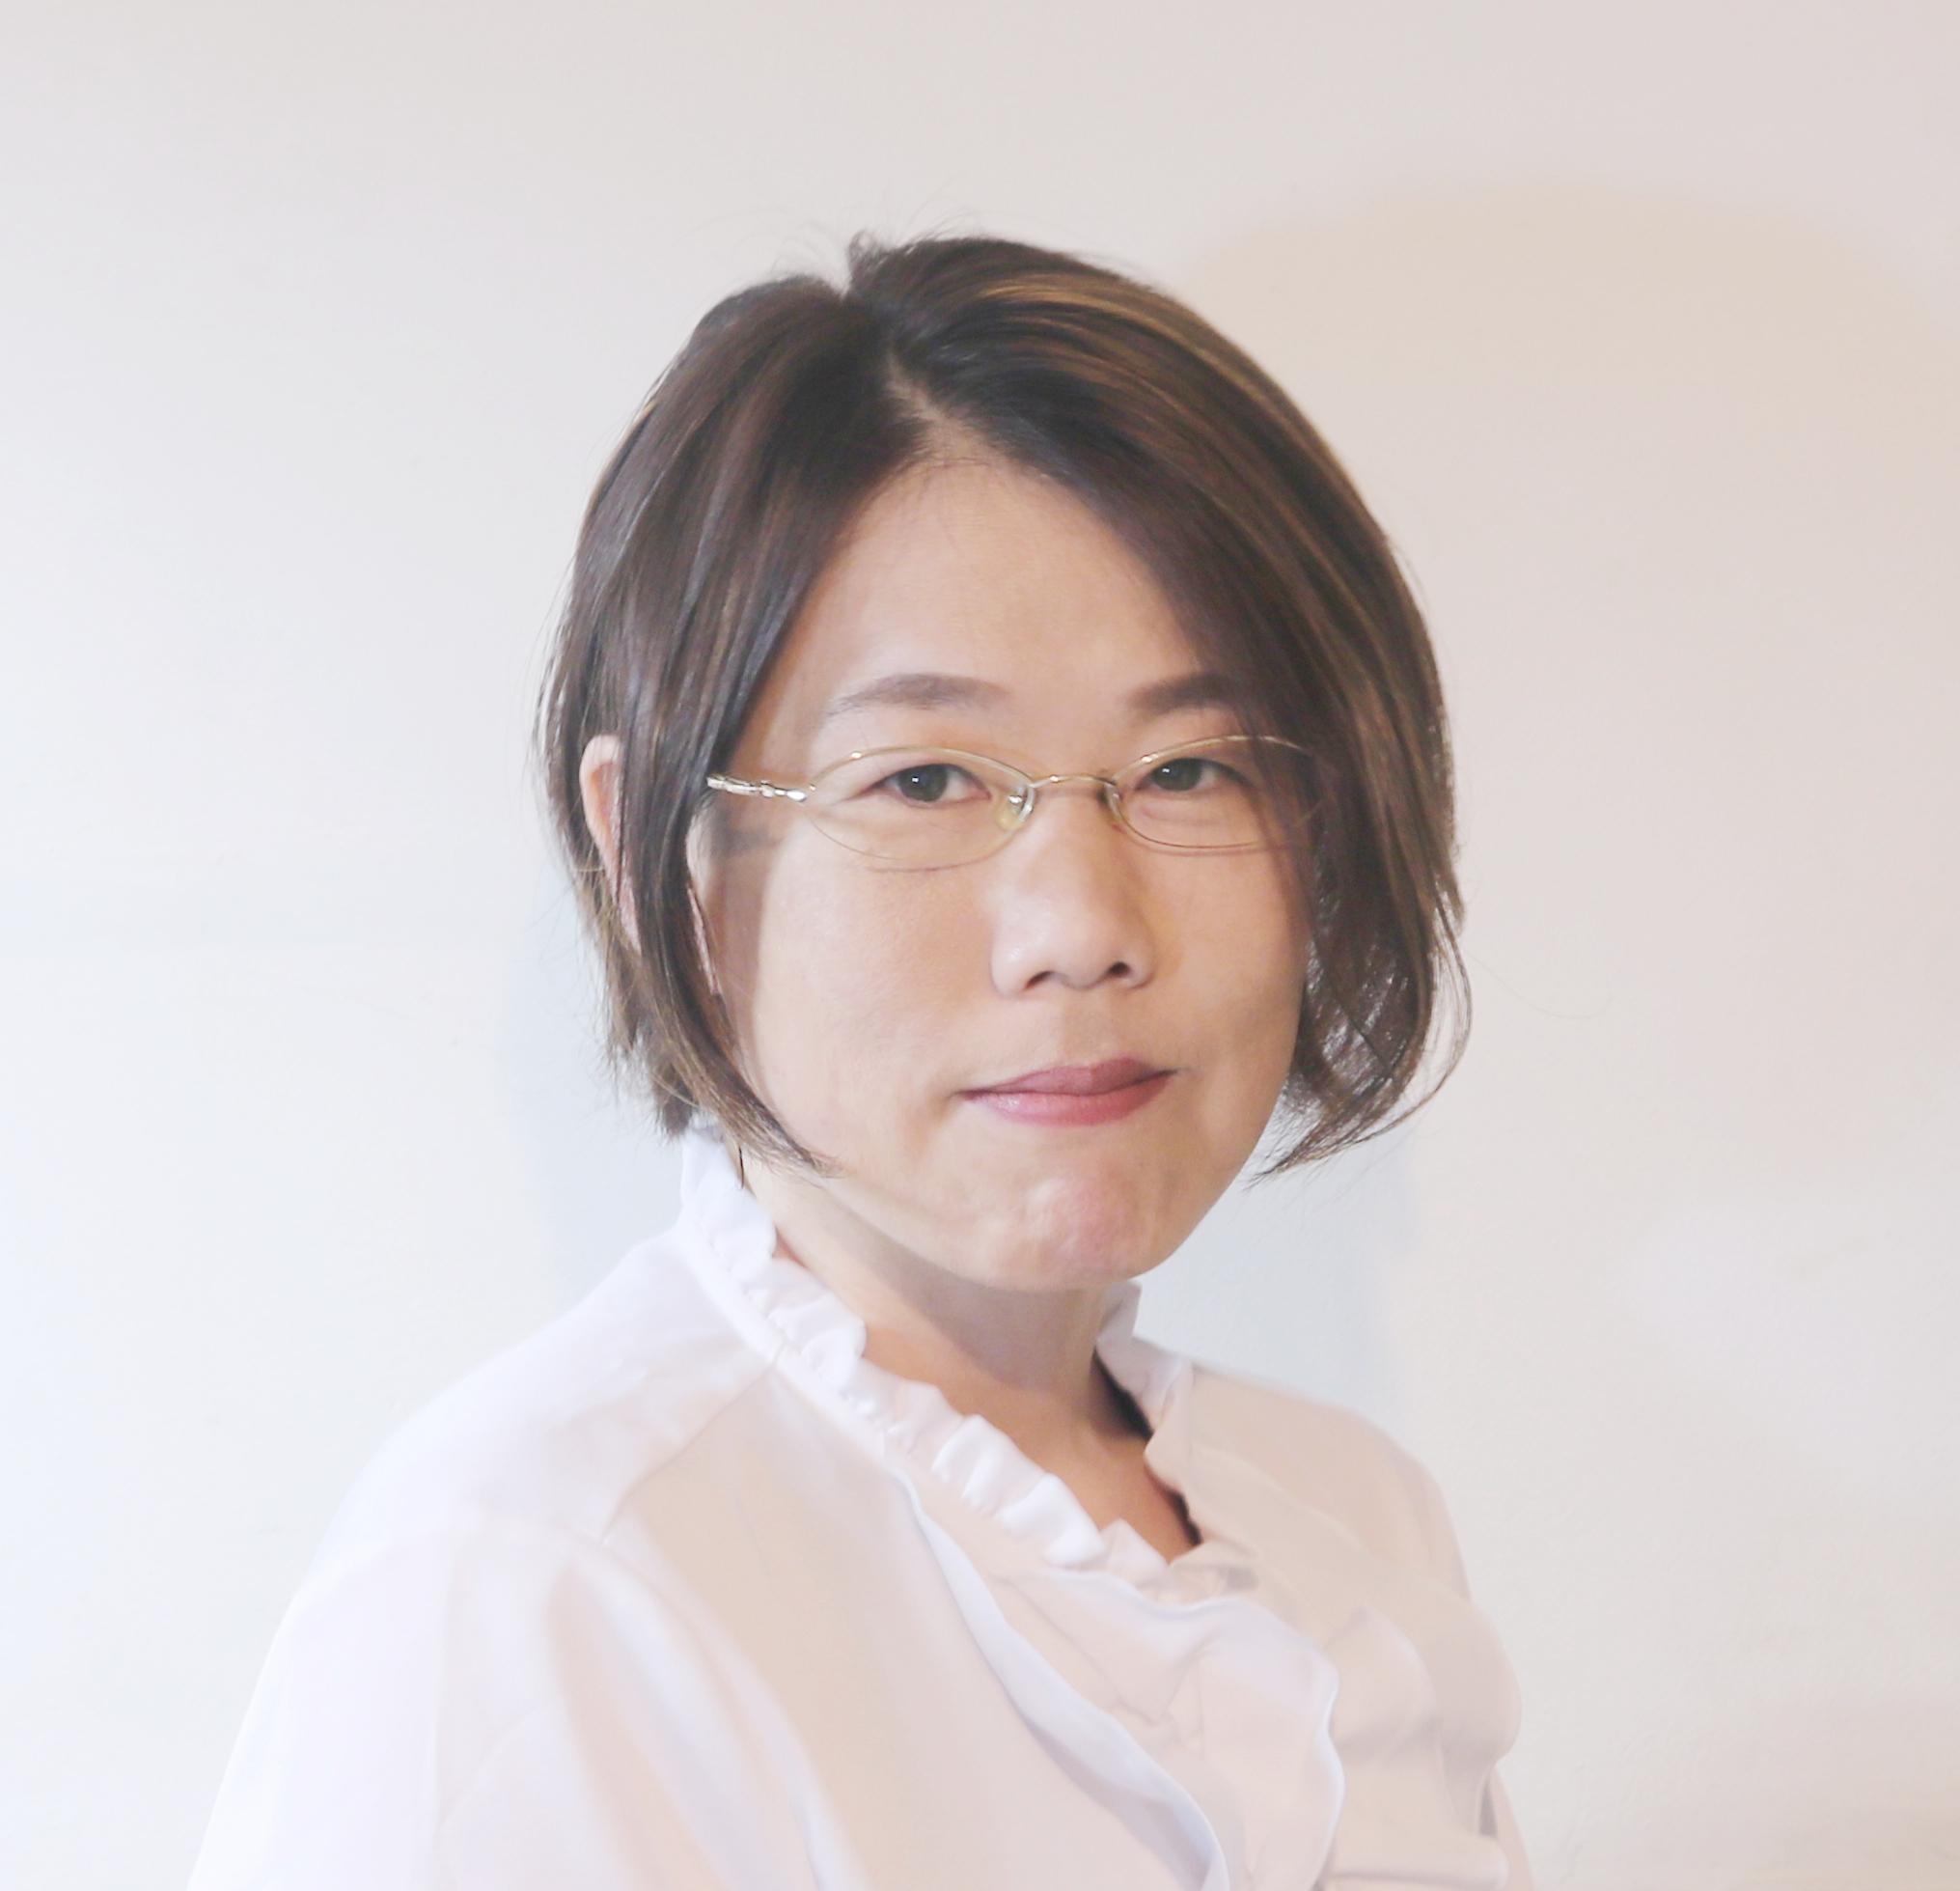 ネダチ ミユキ